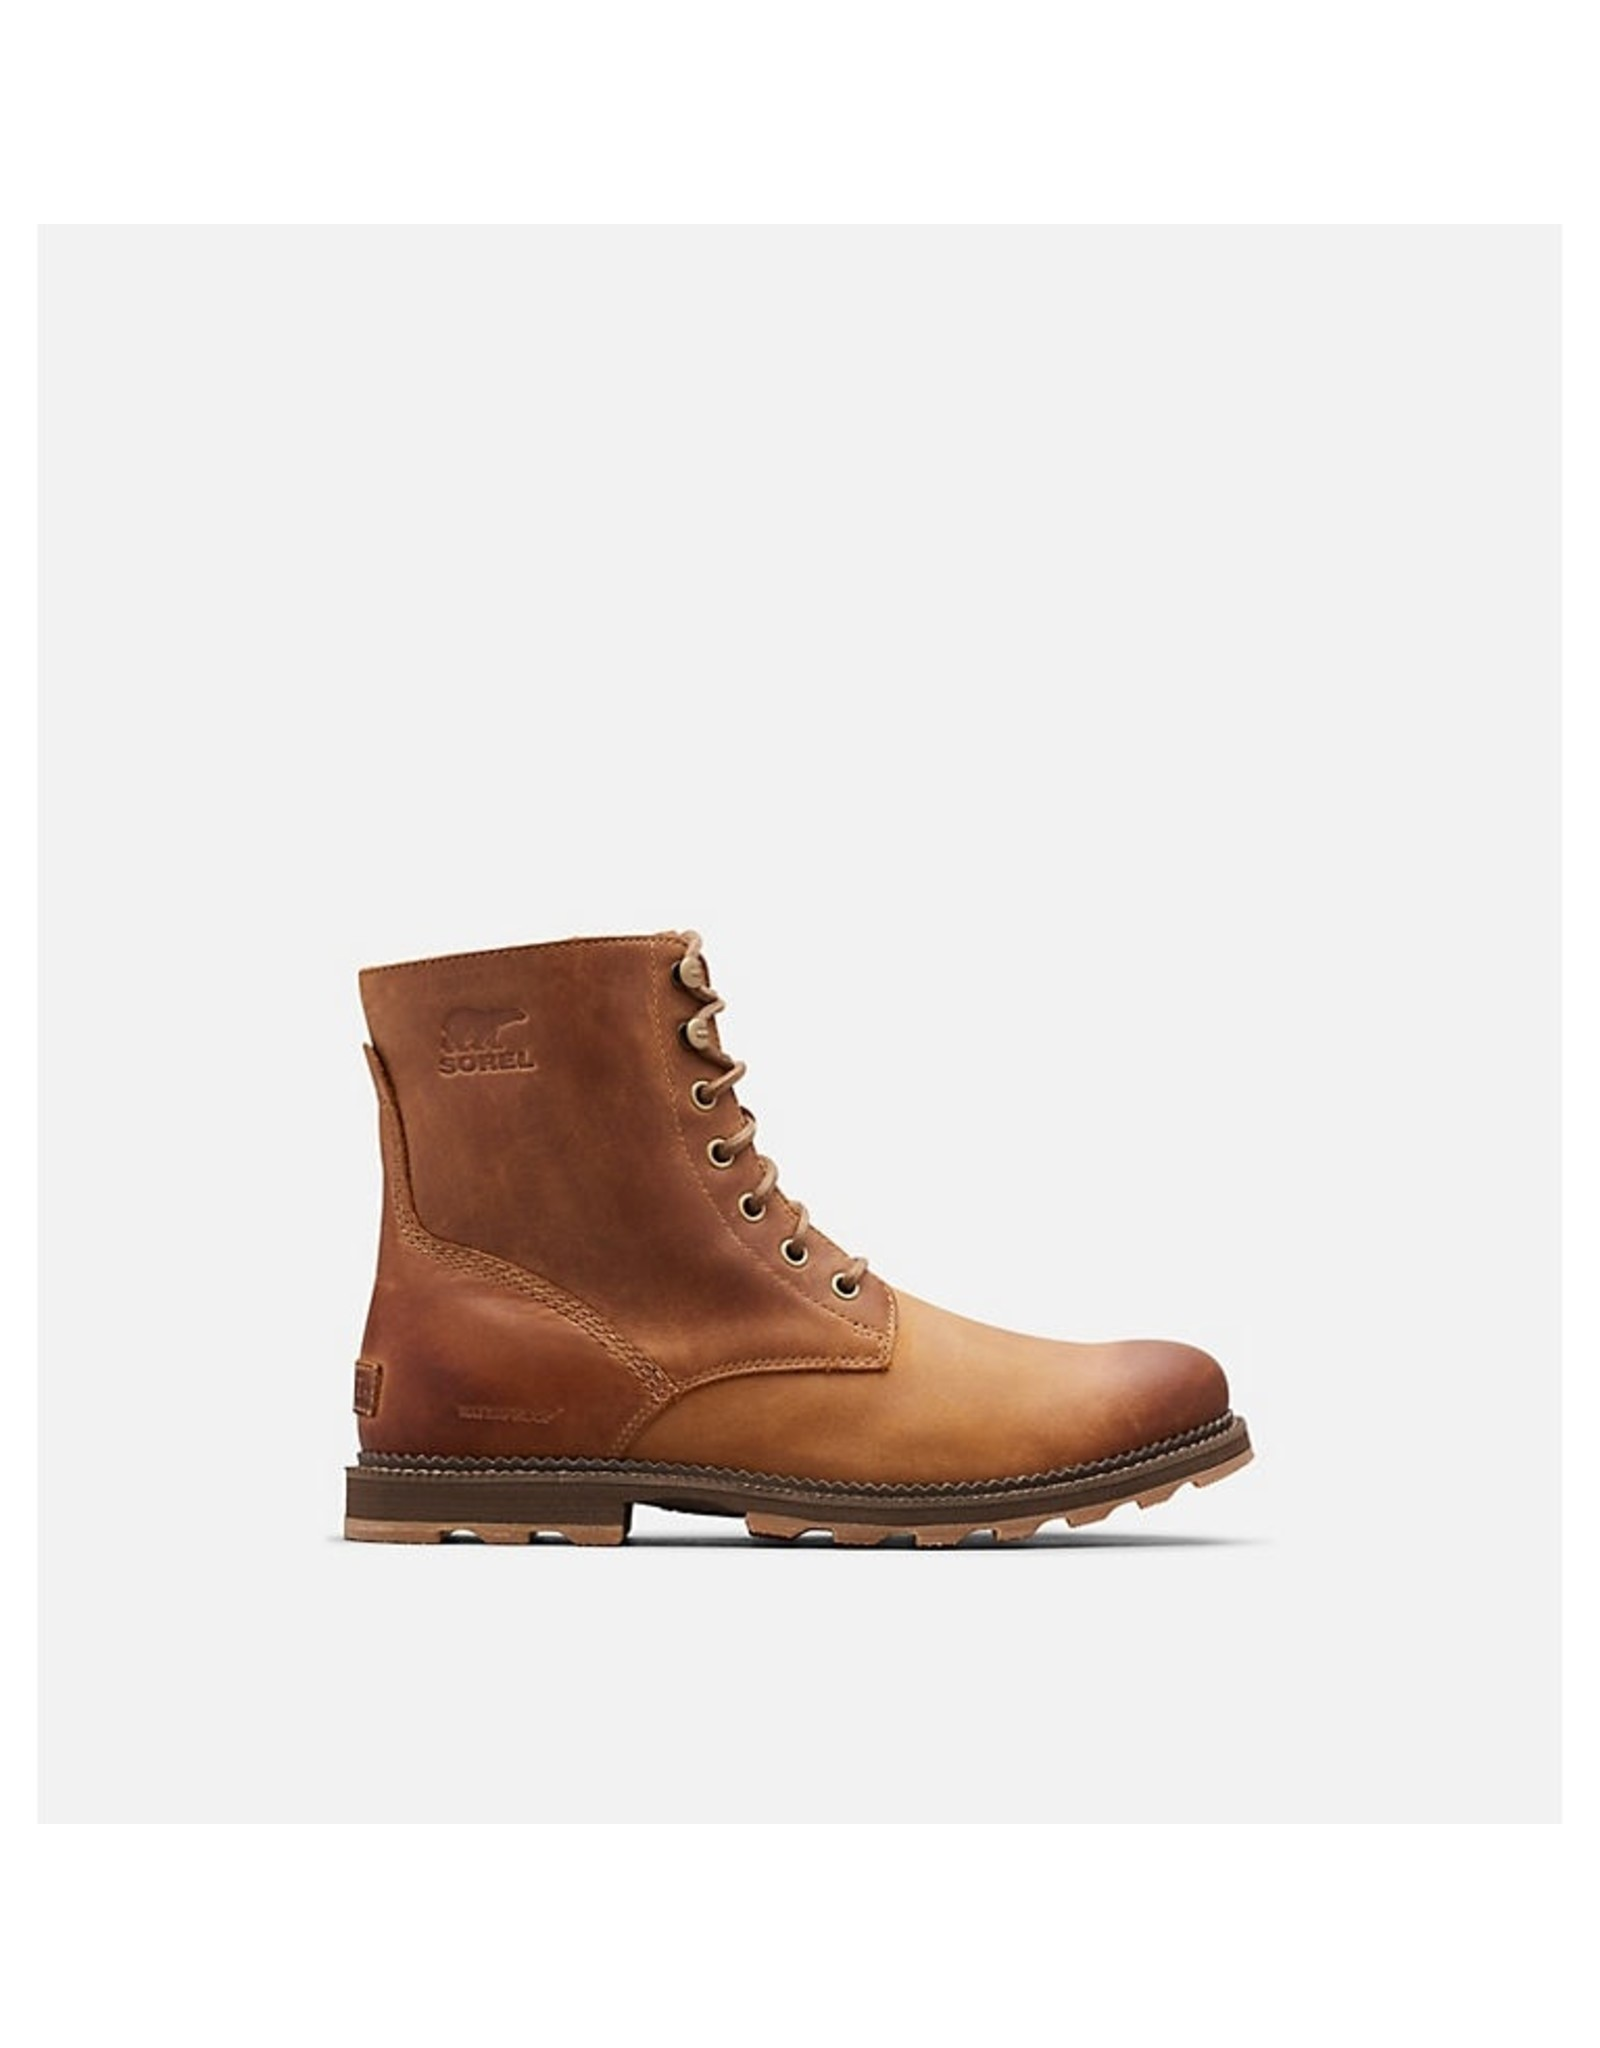 Sorel Men's Madson 6inch Boot WP - 91af